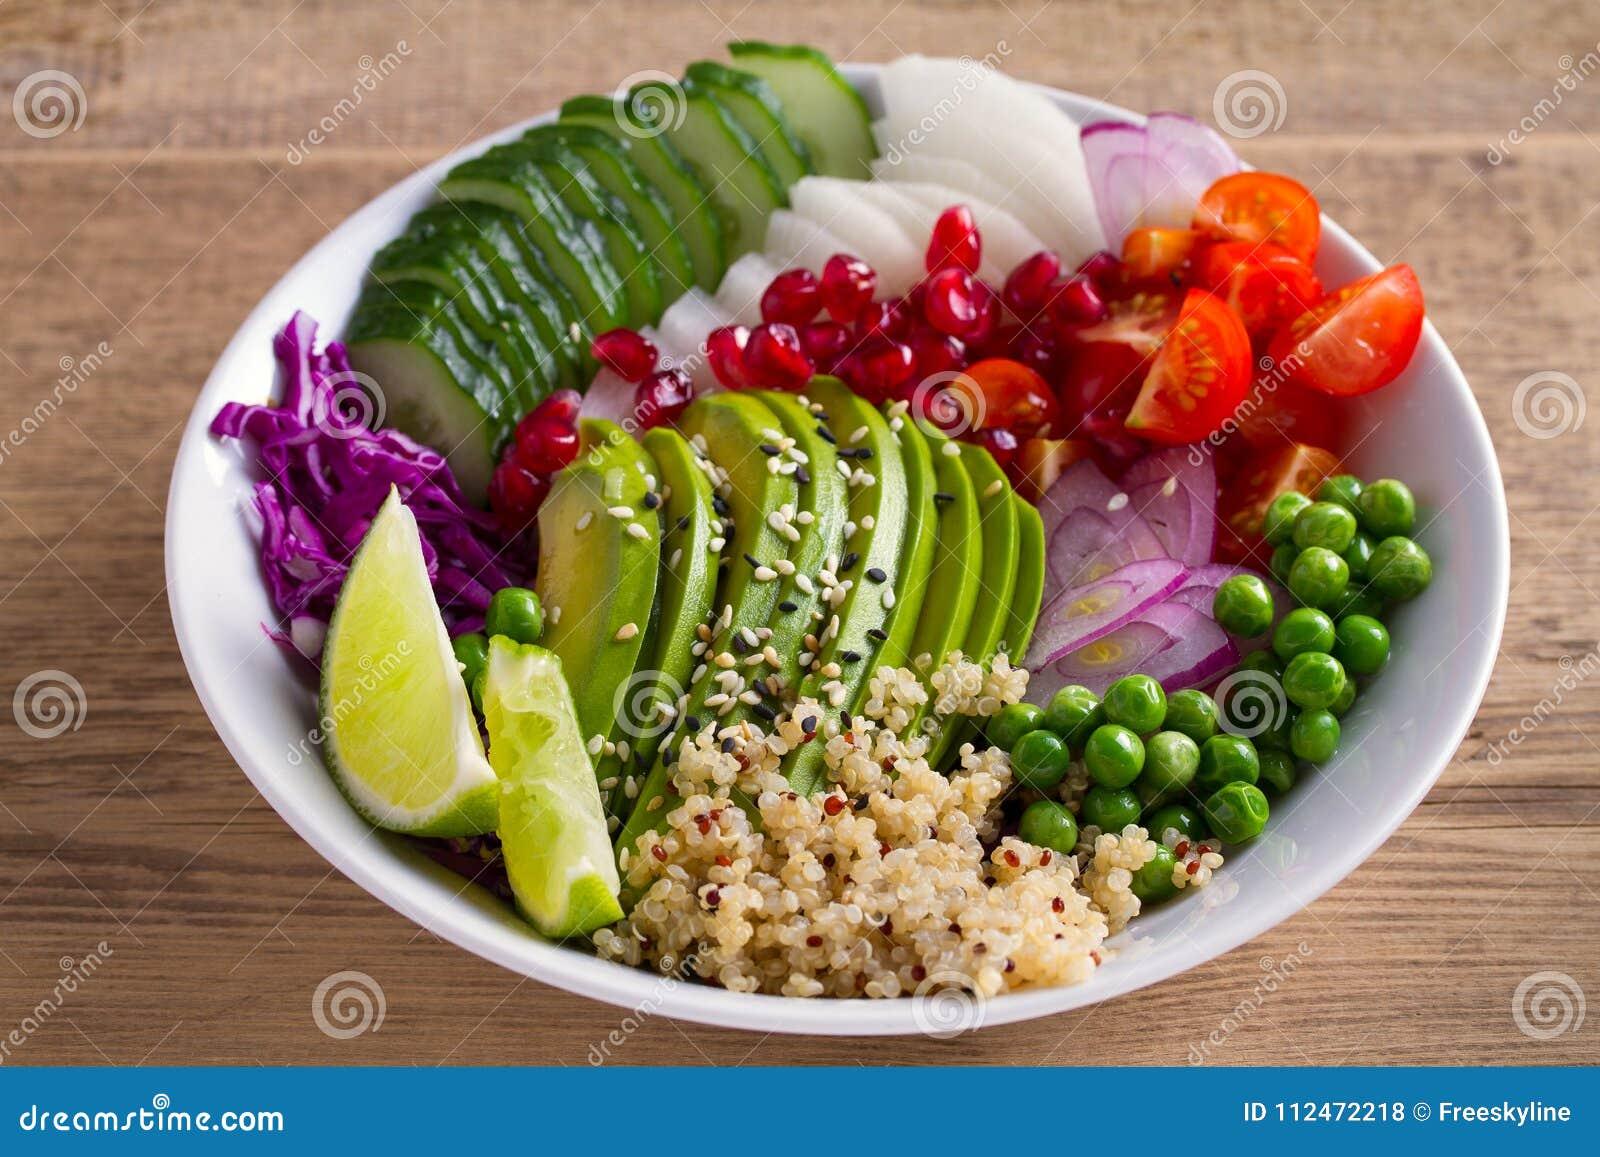 Pulisca il cibo sano della disintossicazione Ciotola del pranzo del vegetariano e del vegano Quinoa, avocado, melograno, pomodori